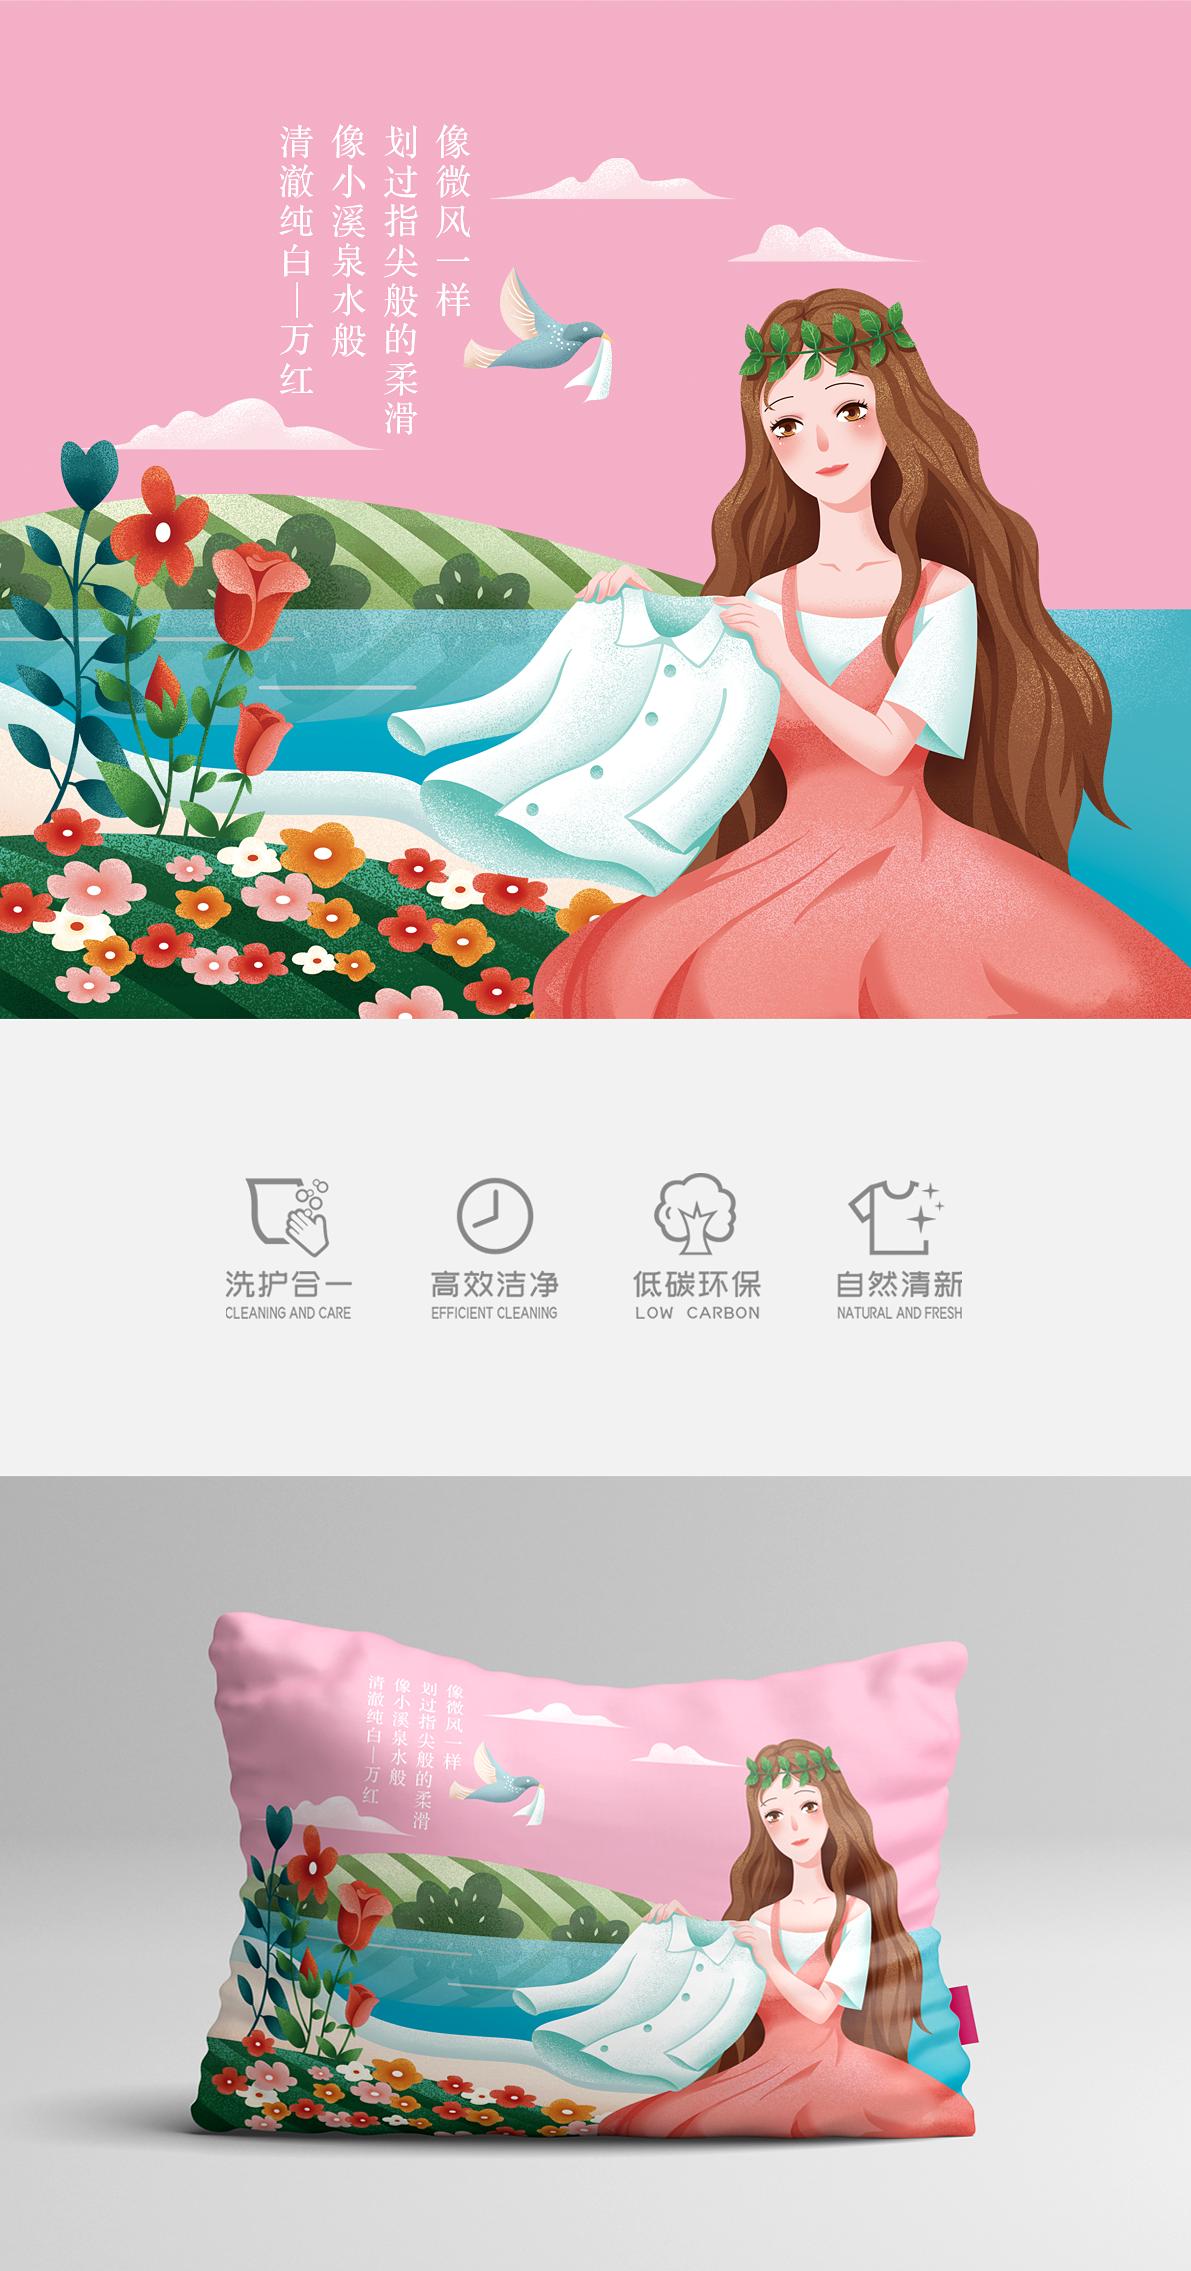 万红洗衣液从logo到产品包装的蜕变